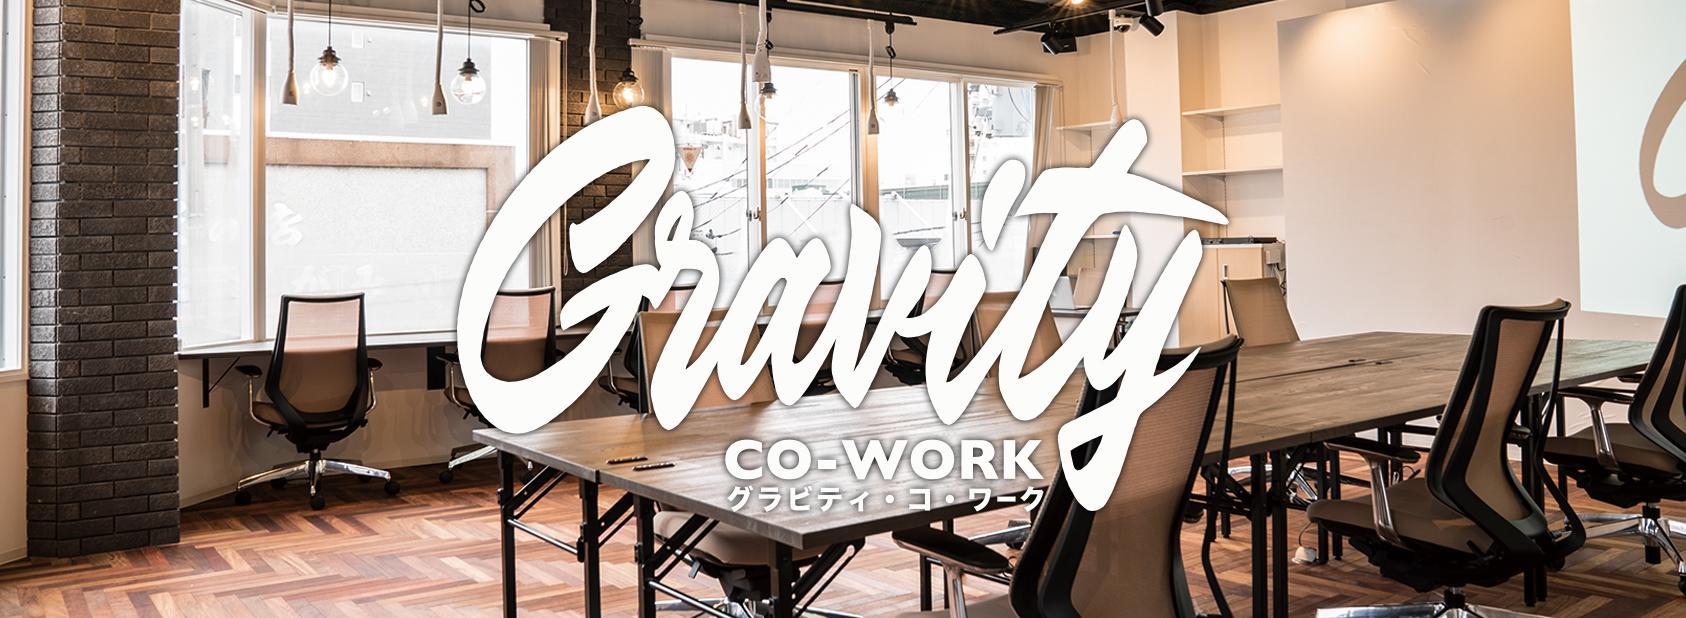 青森市のコワーキングスペース・Gravity CO-WORK